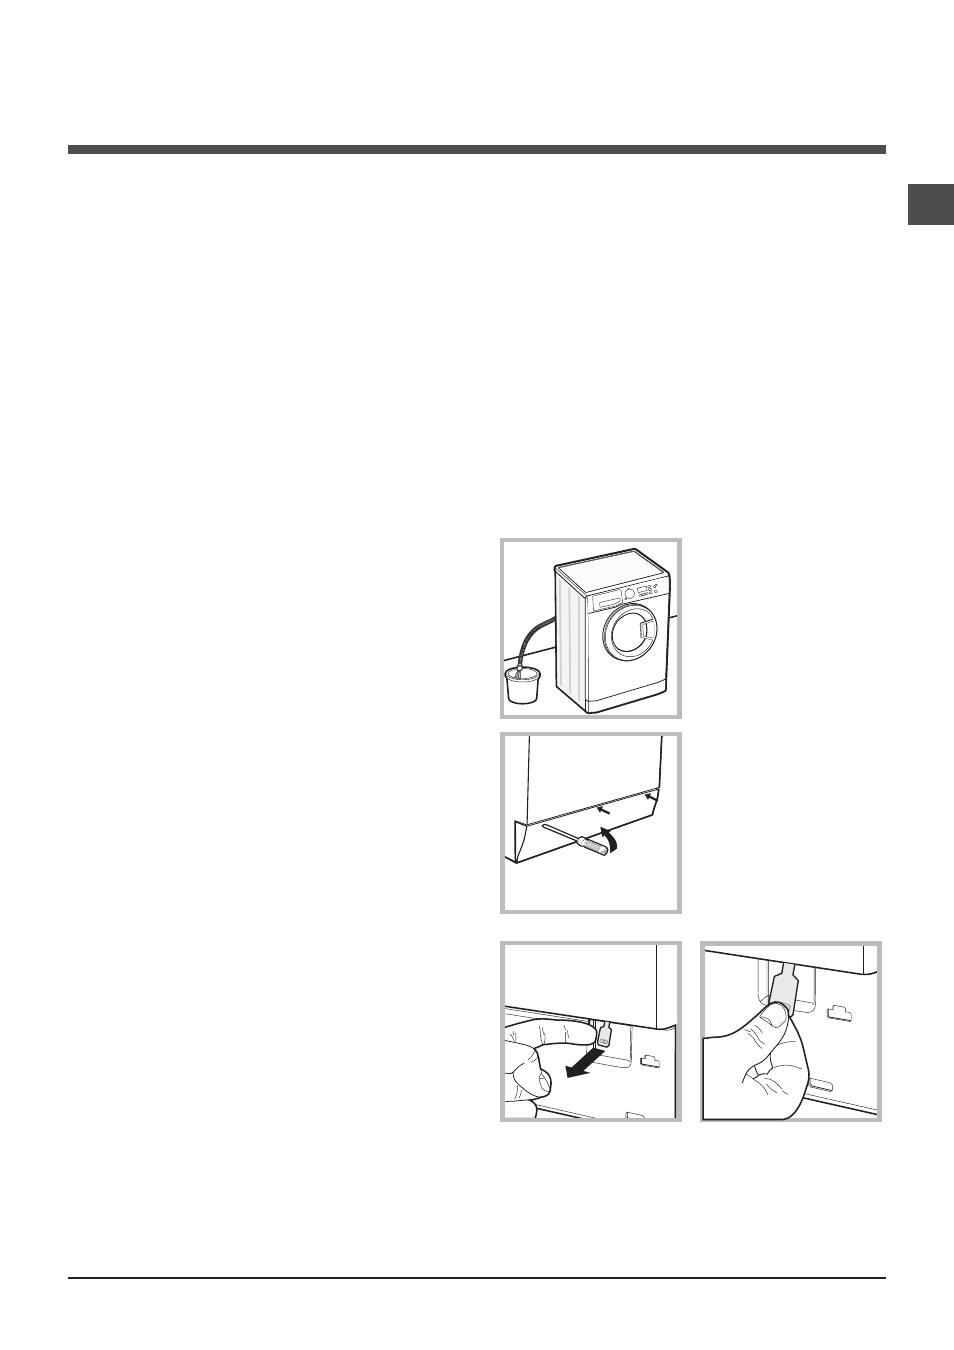 Hotpoint Ariston Wmsg 7105 инструкция